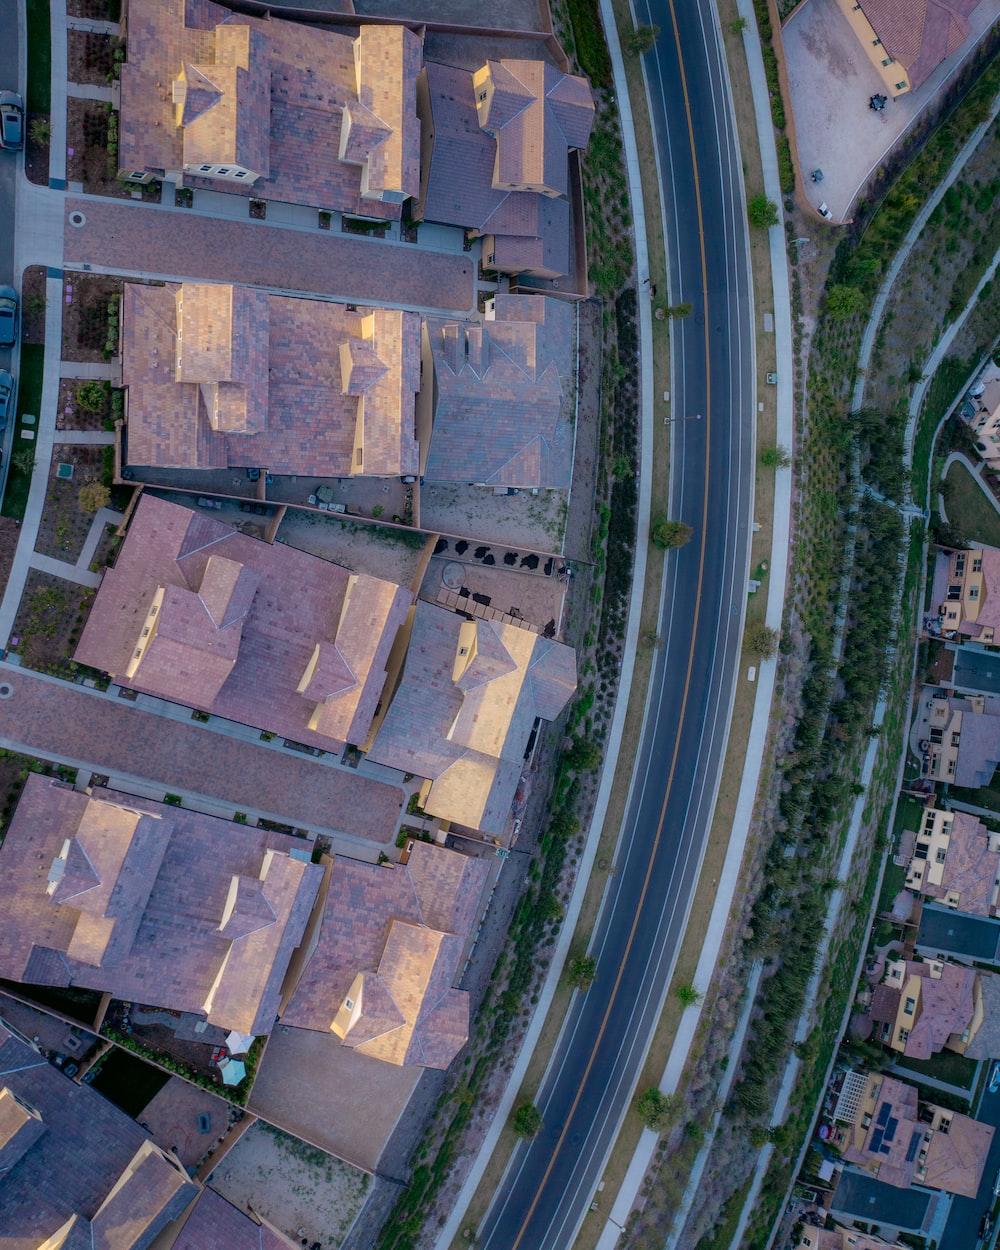 aerial view of highway between village